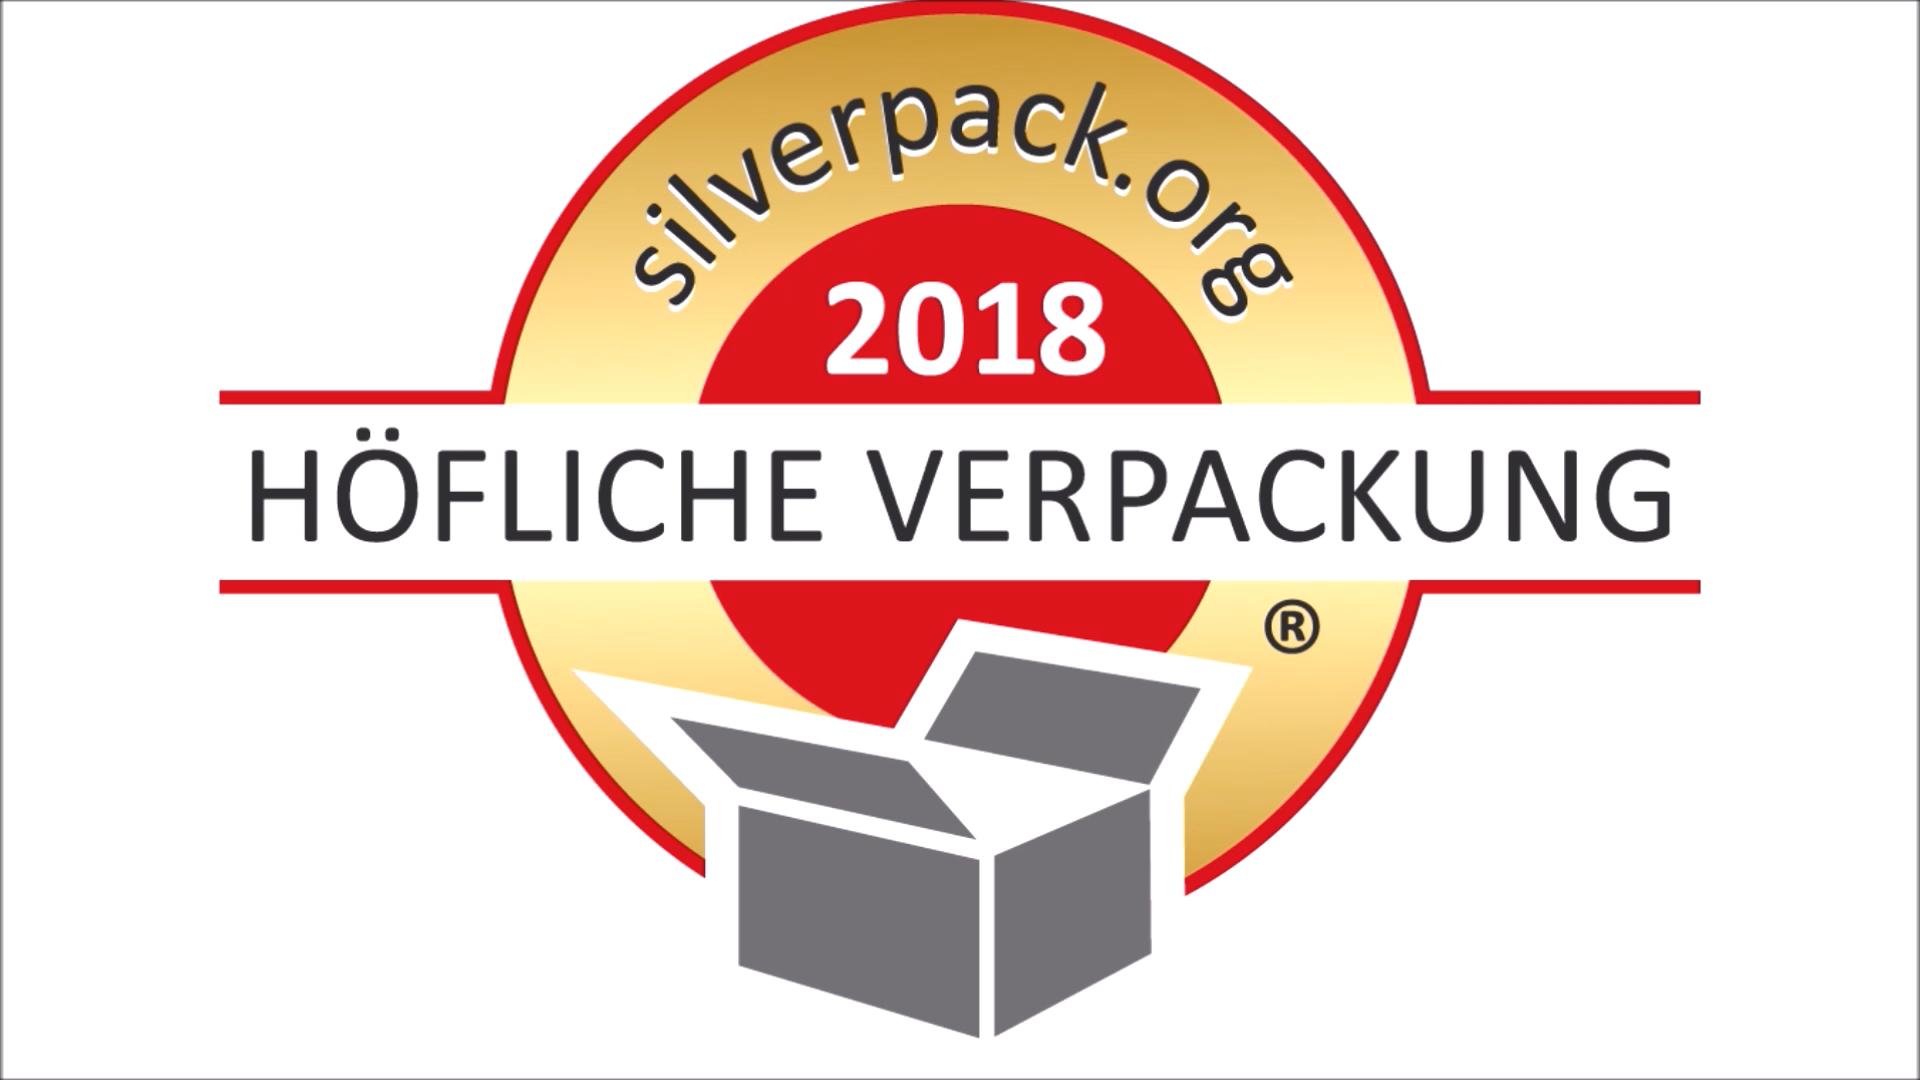 Polite Packaging Höfliche Verpackung 2018